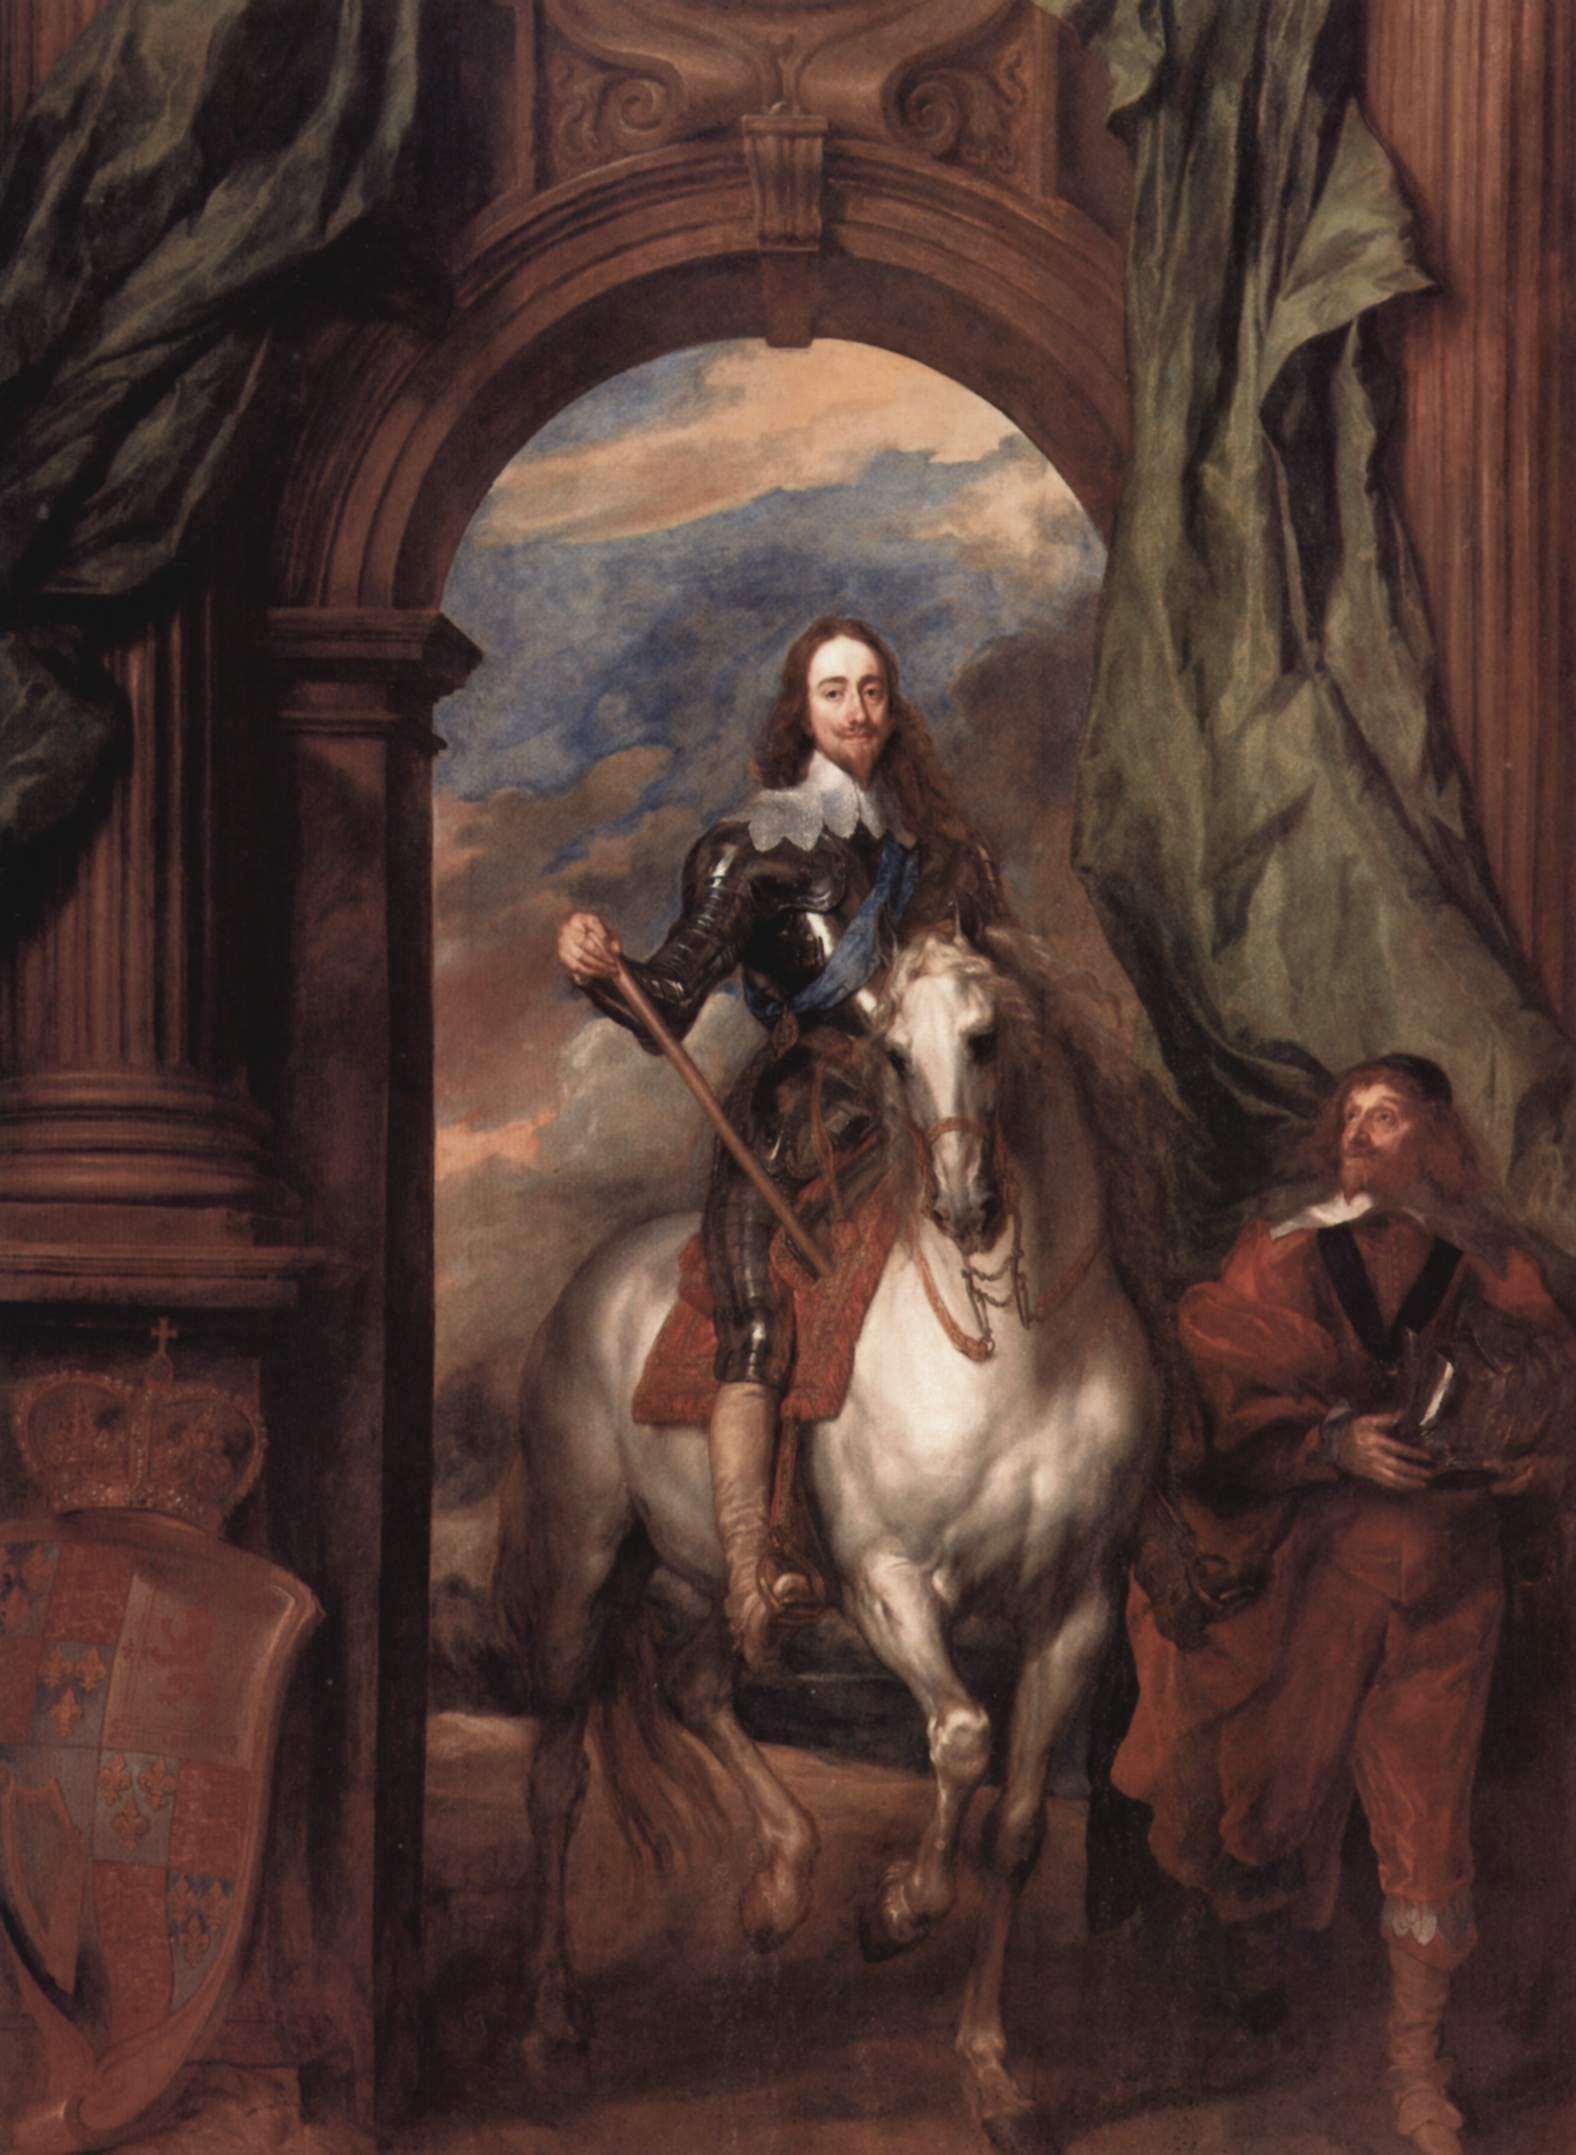 Конный портрет Карла Первого, короля Англии с его шталмейстером Сен-Антуаном, Антонис ван Дейк